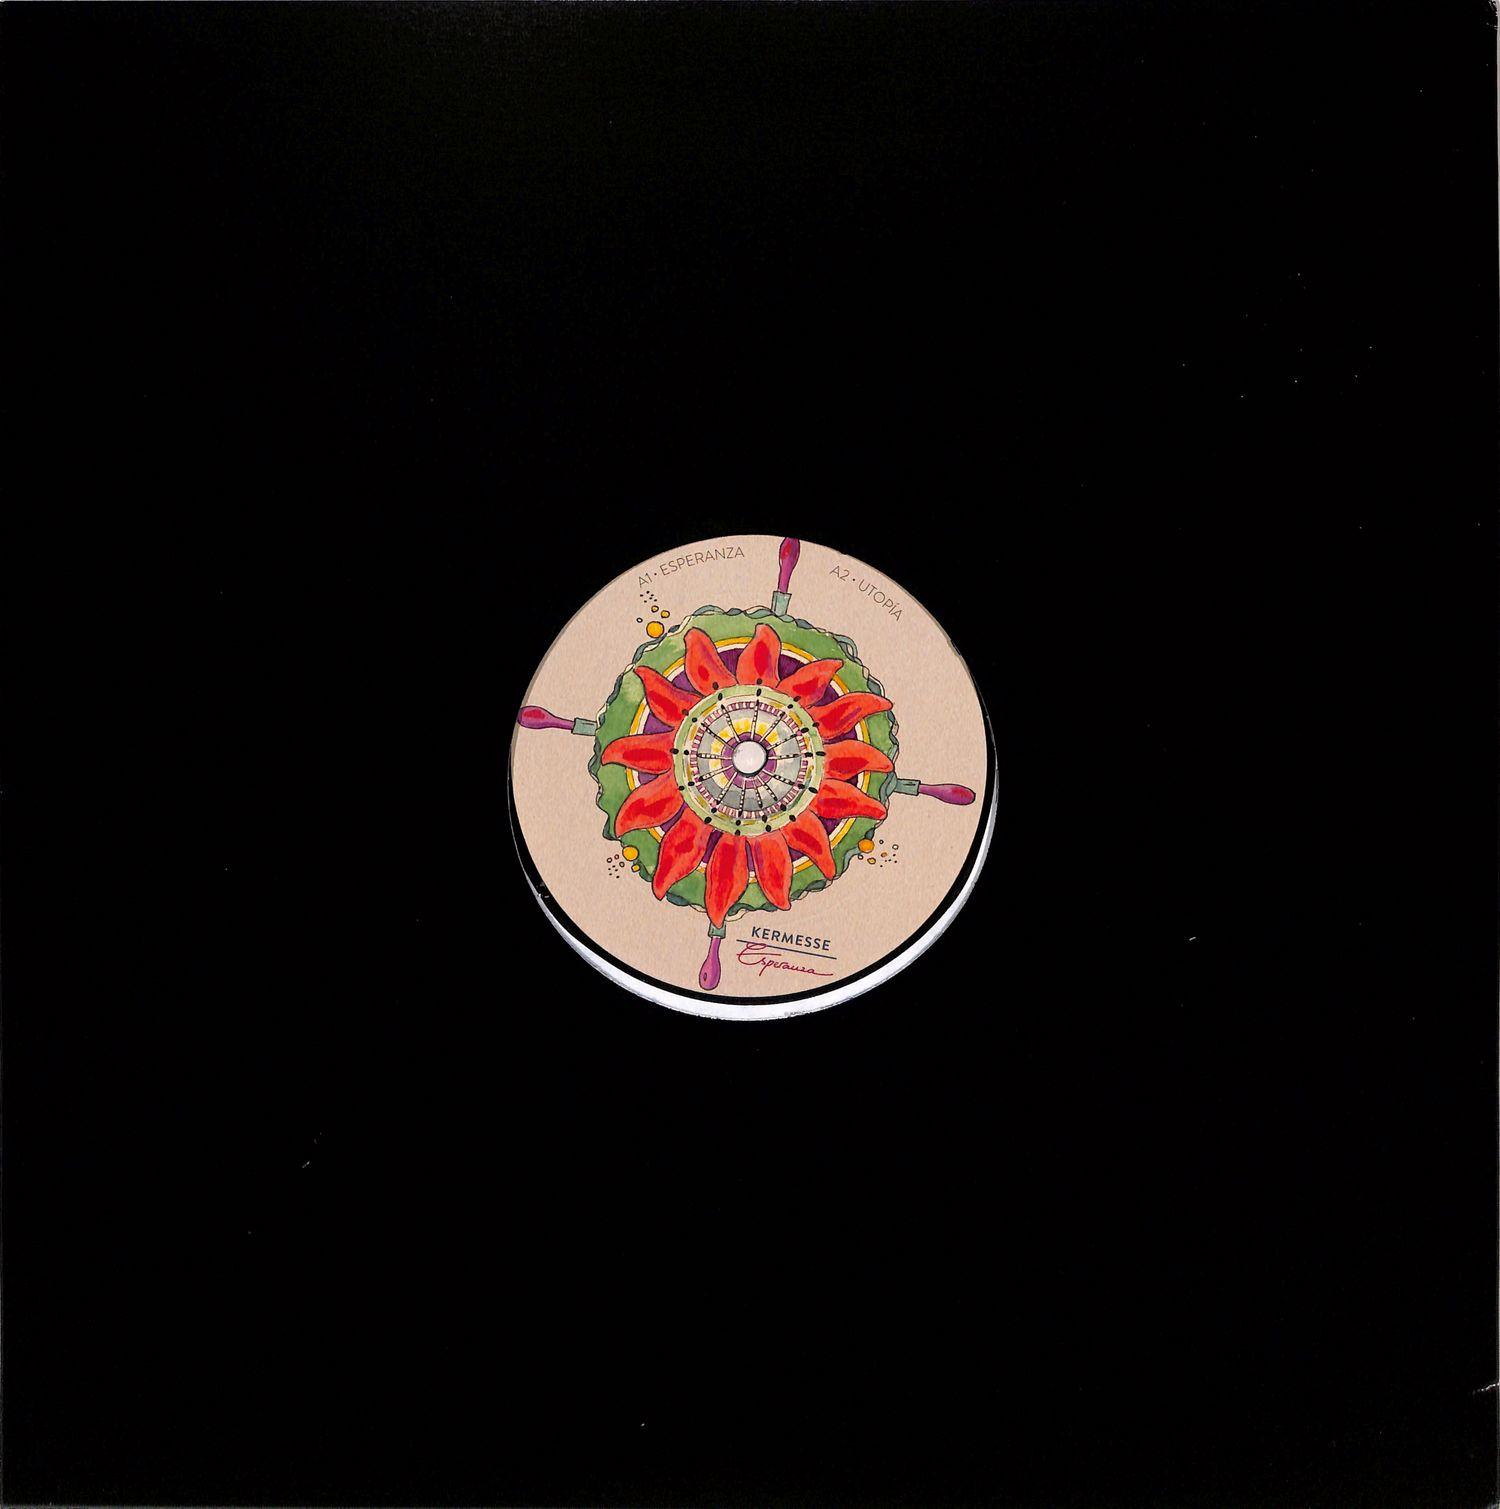 Kermesse - ESPERANZA EP